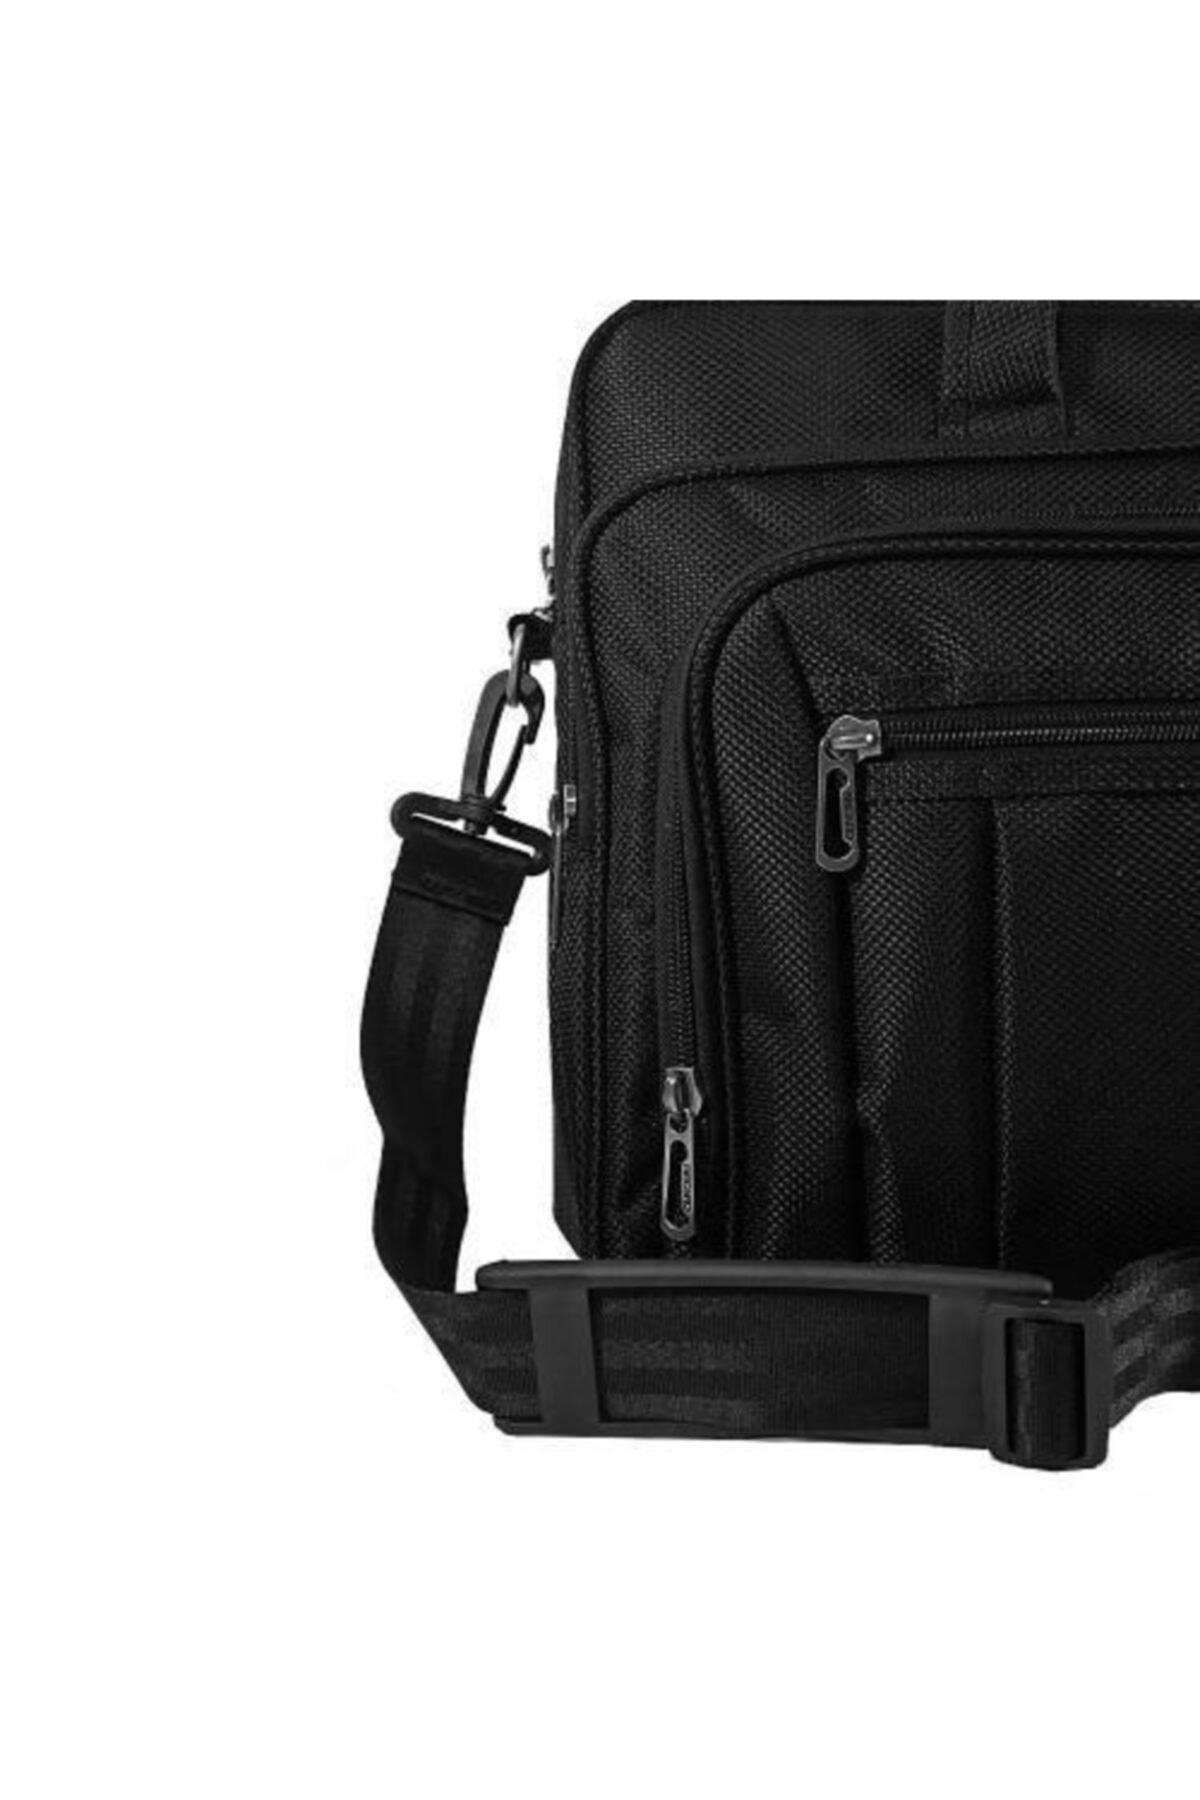 Recaro Business 15.6 Inç Laptop Notebook El Ve Omuz Çantası Siyah 2